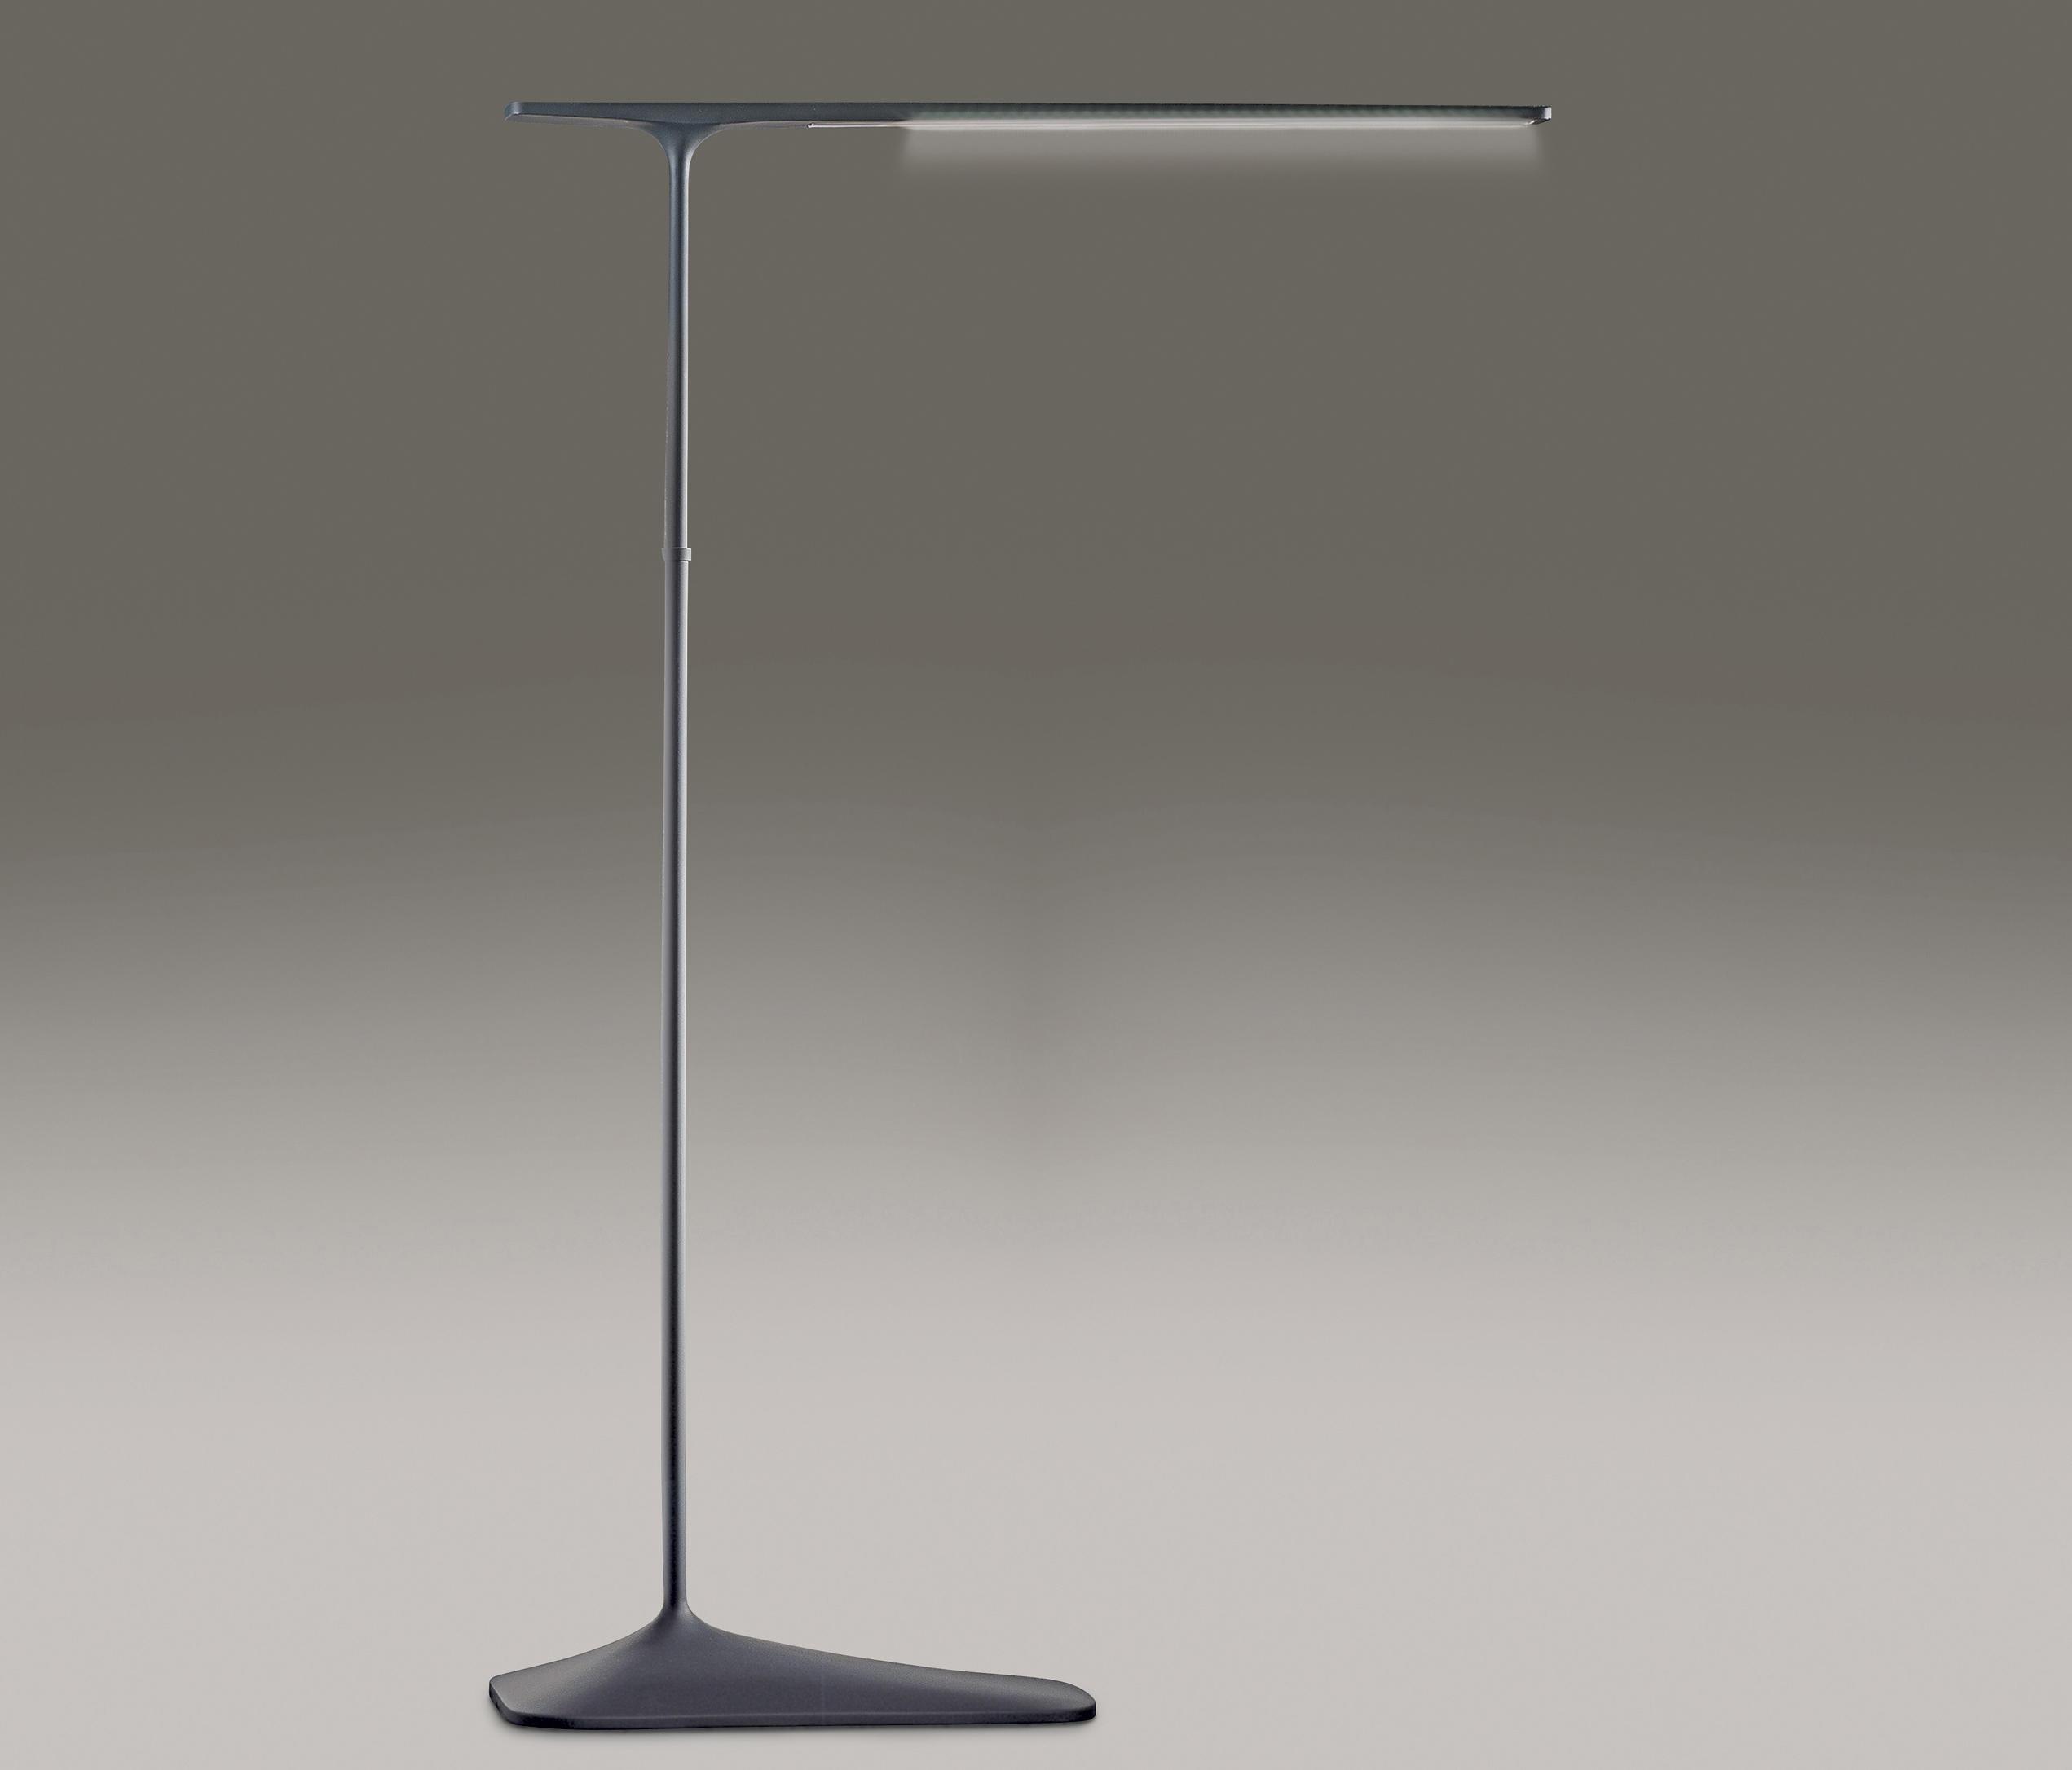 Ciak Adjustable Floor Lamp By Penta | General Lighting